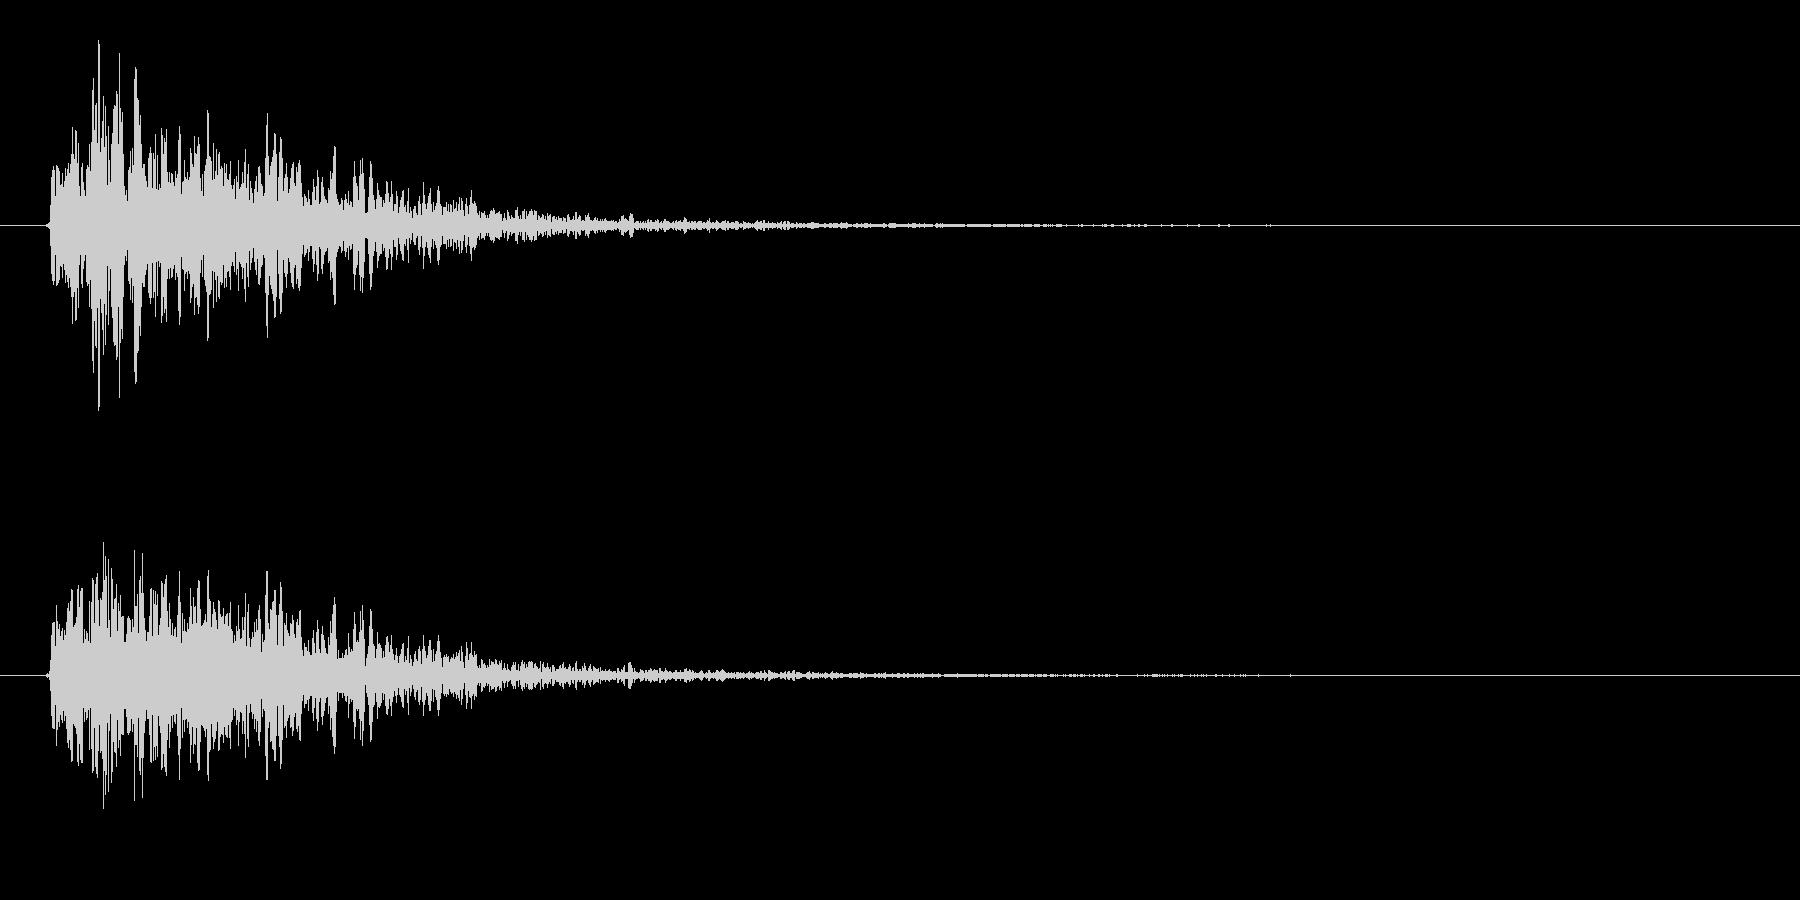 「ビコーン(弓矢の音)」の未再生の波形